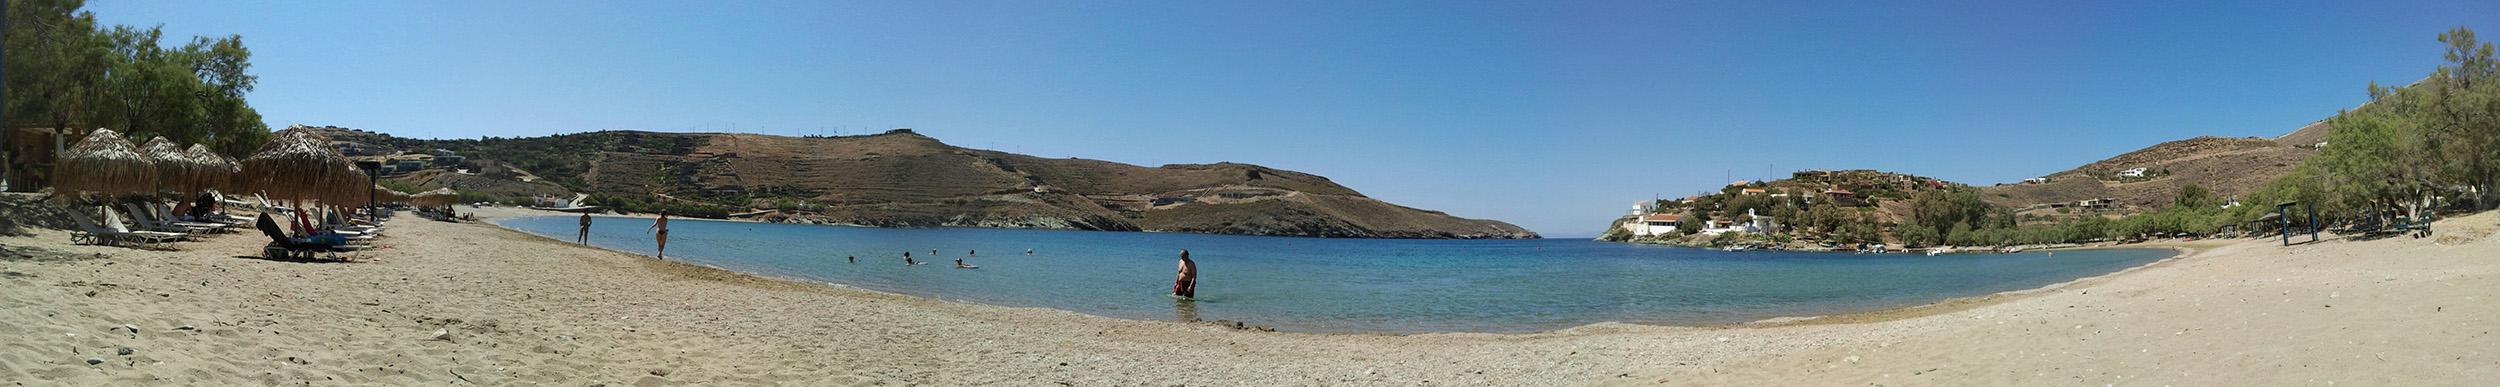 Kea Otzias Beach